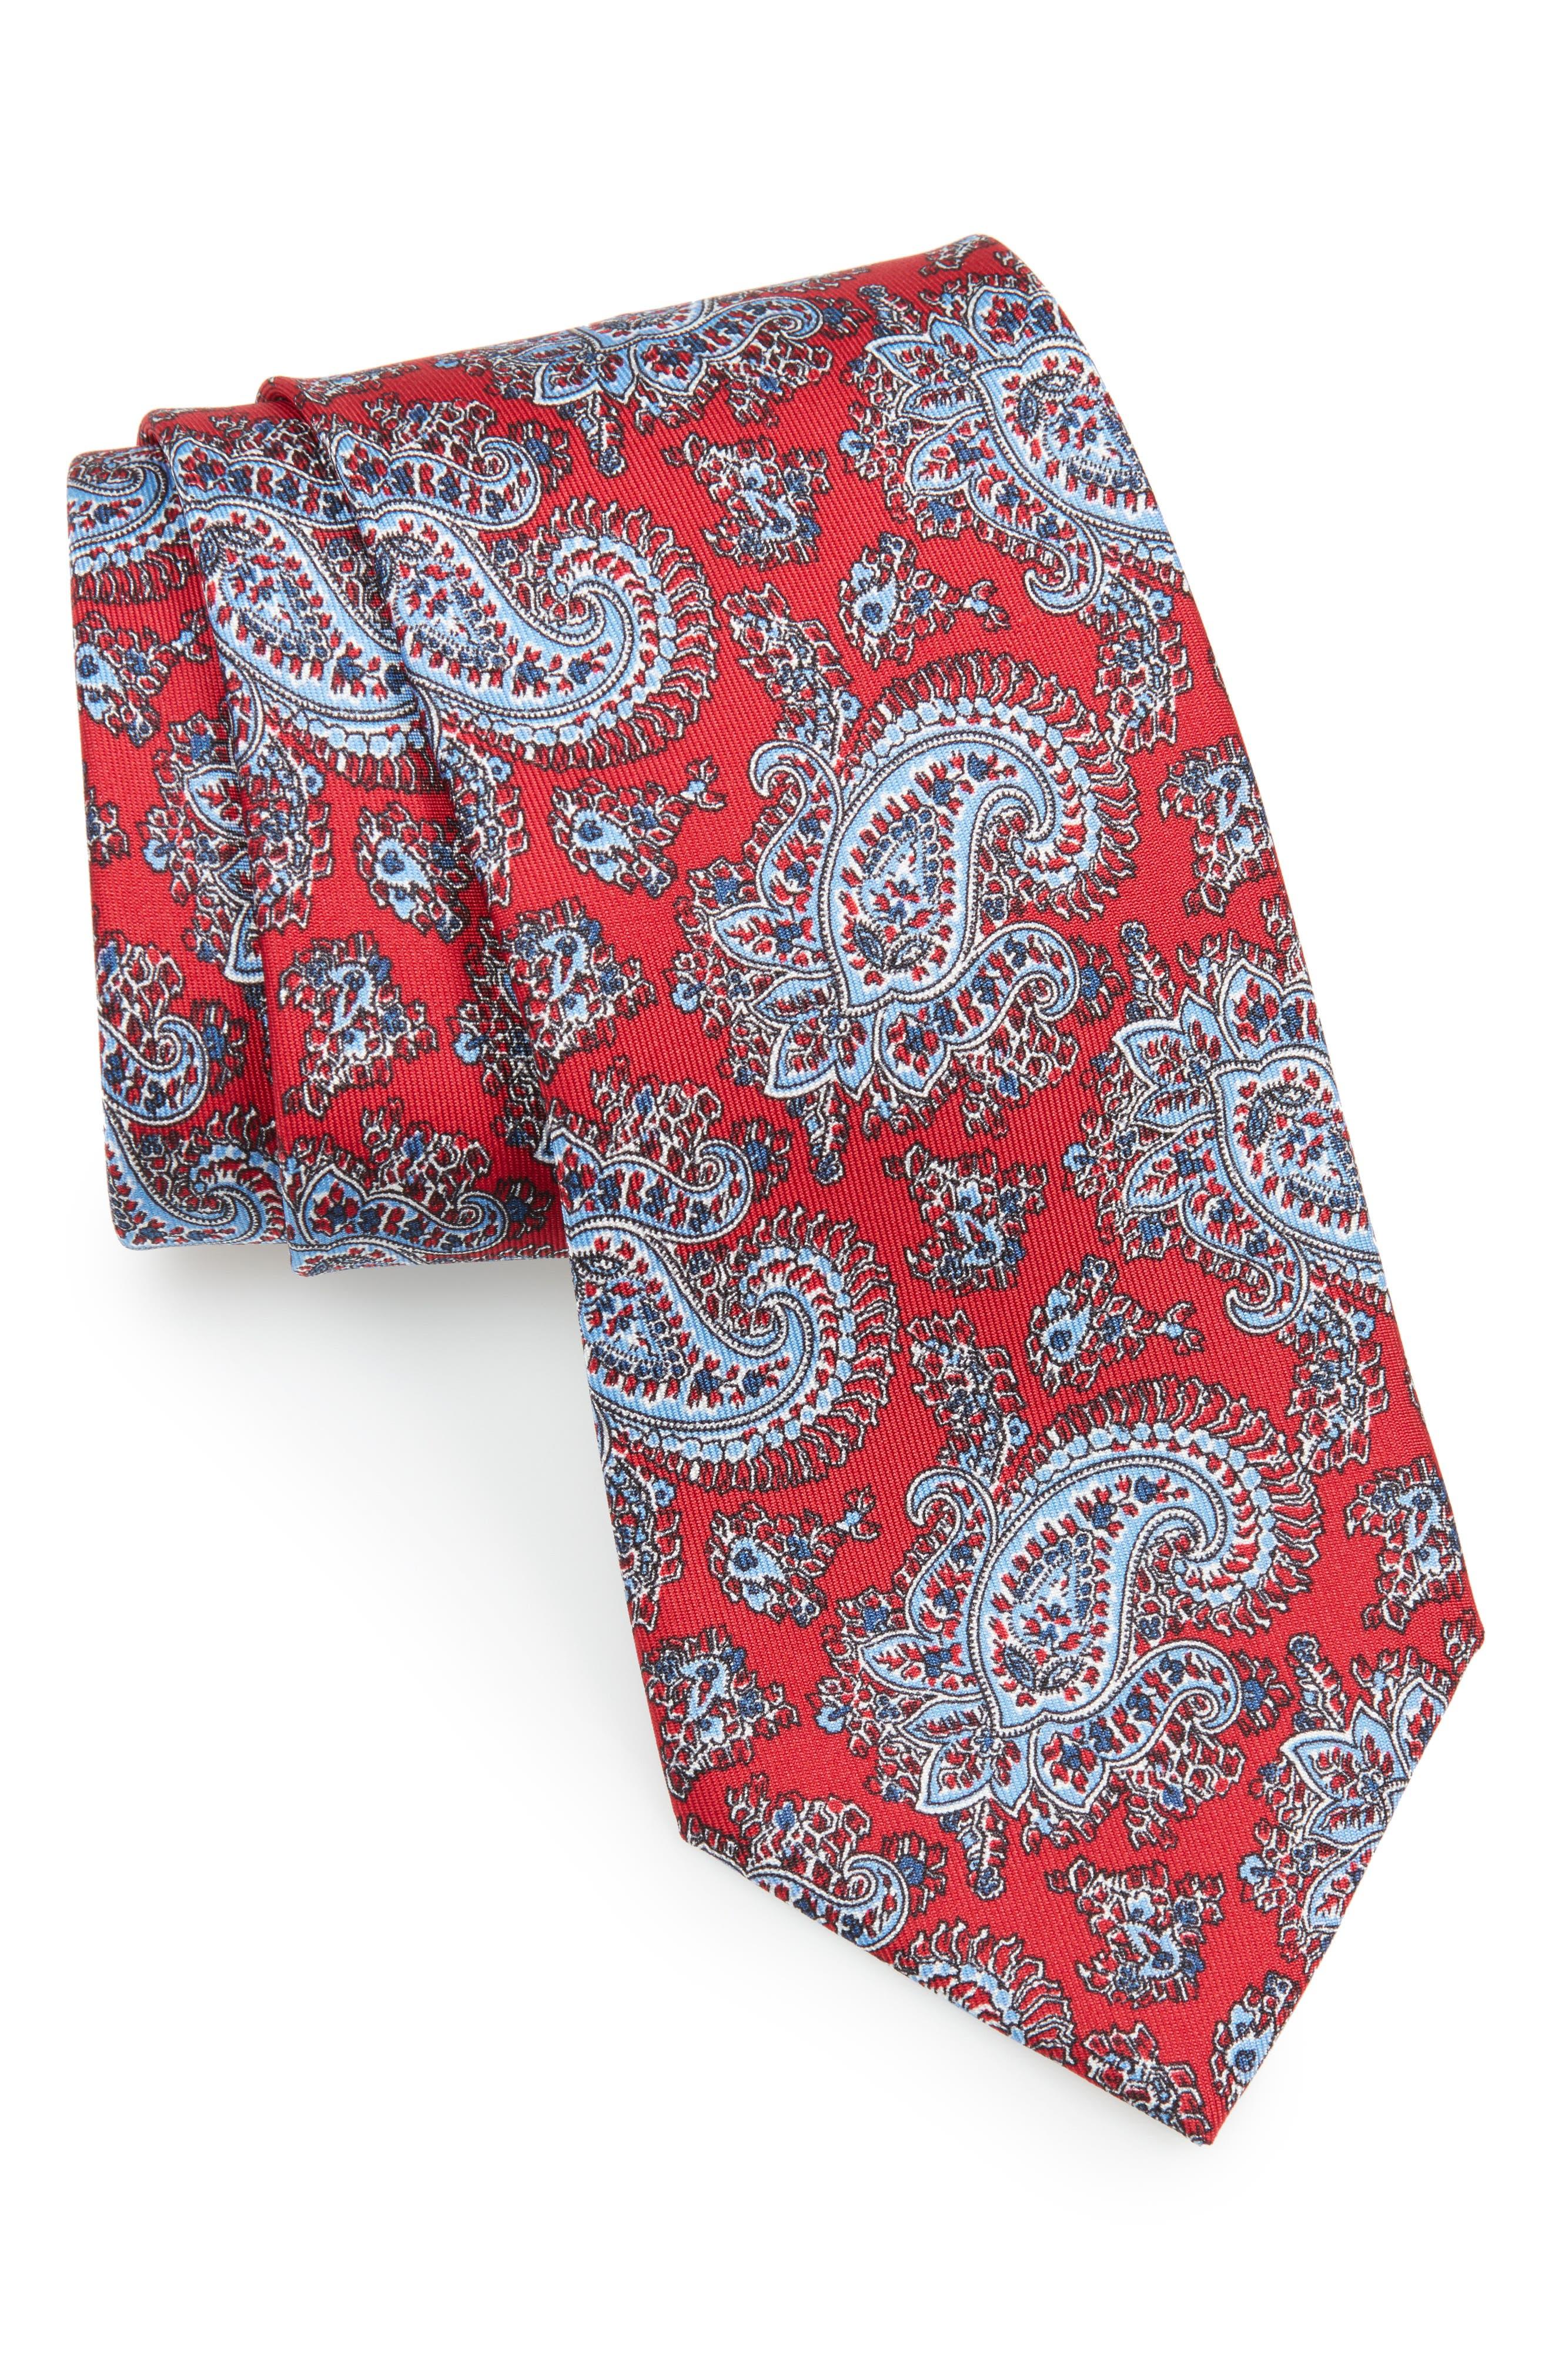 Main Image - Brioni Paisley Silk Tie